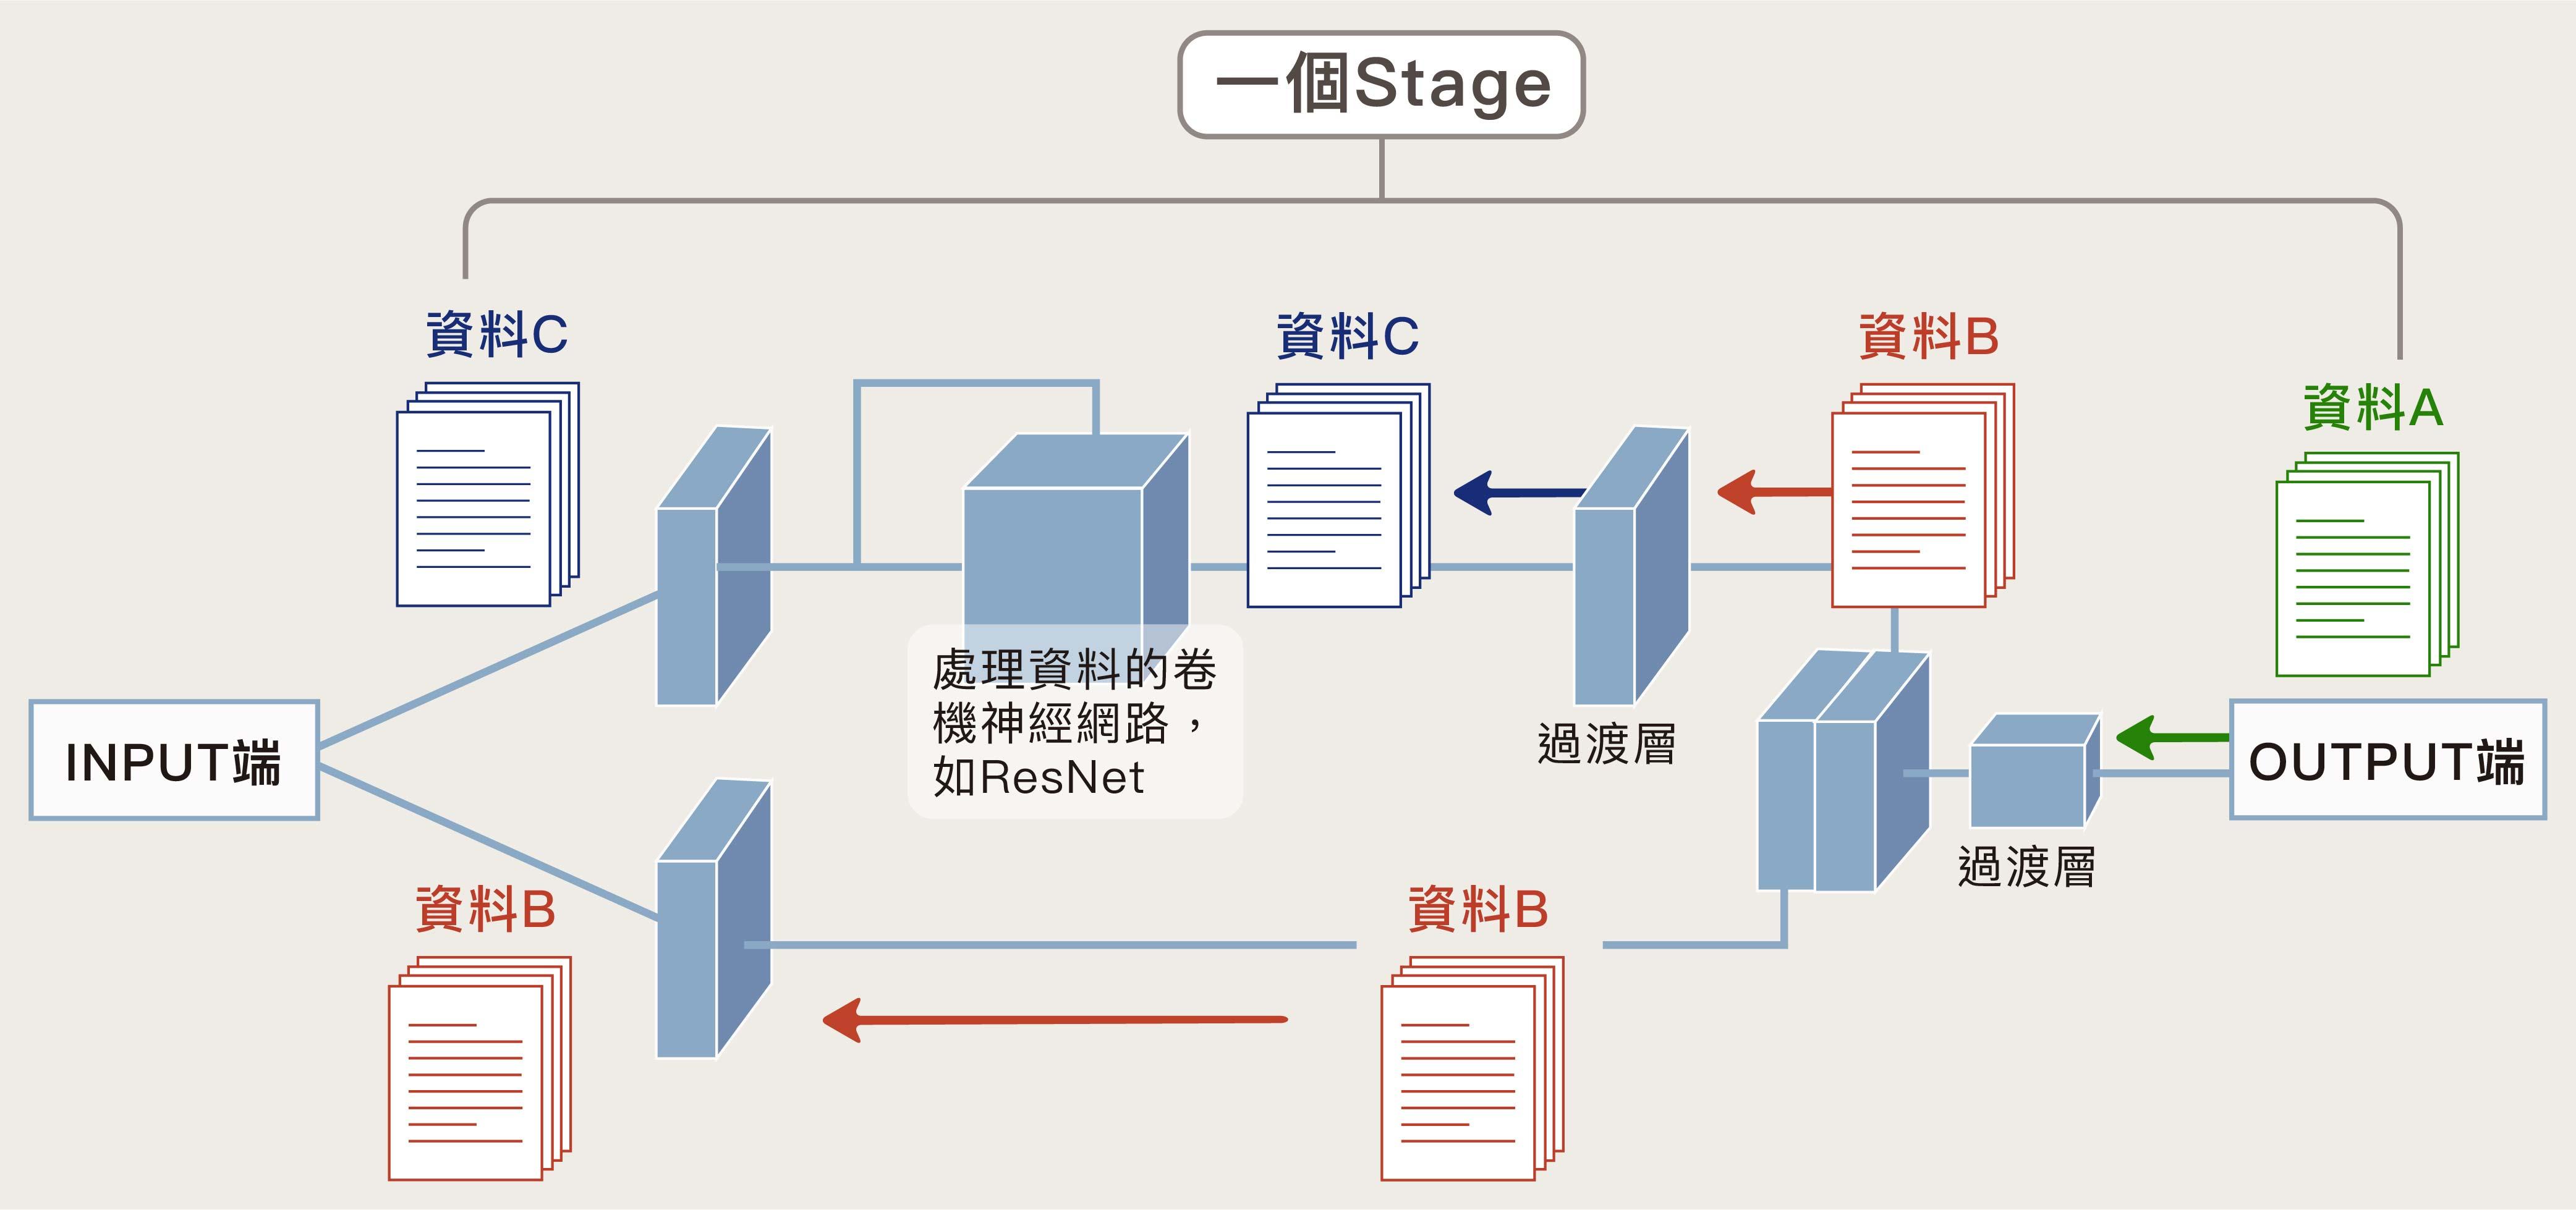 CSPNet 簡化結構的一部分圖解